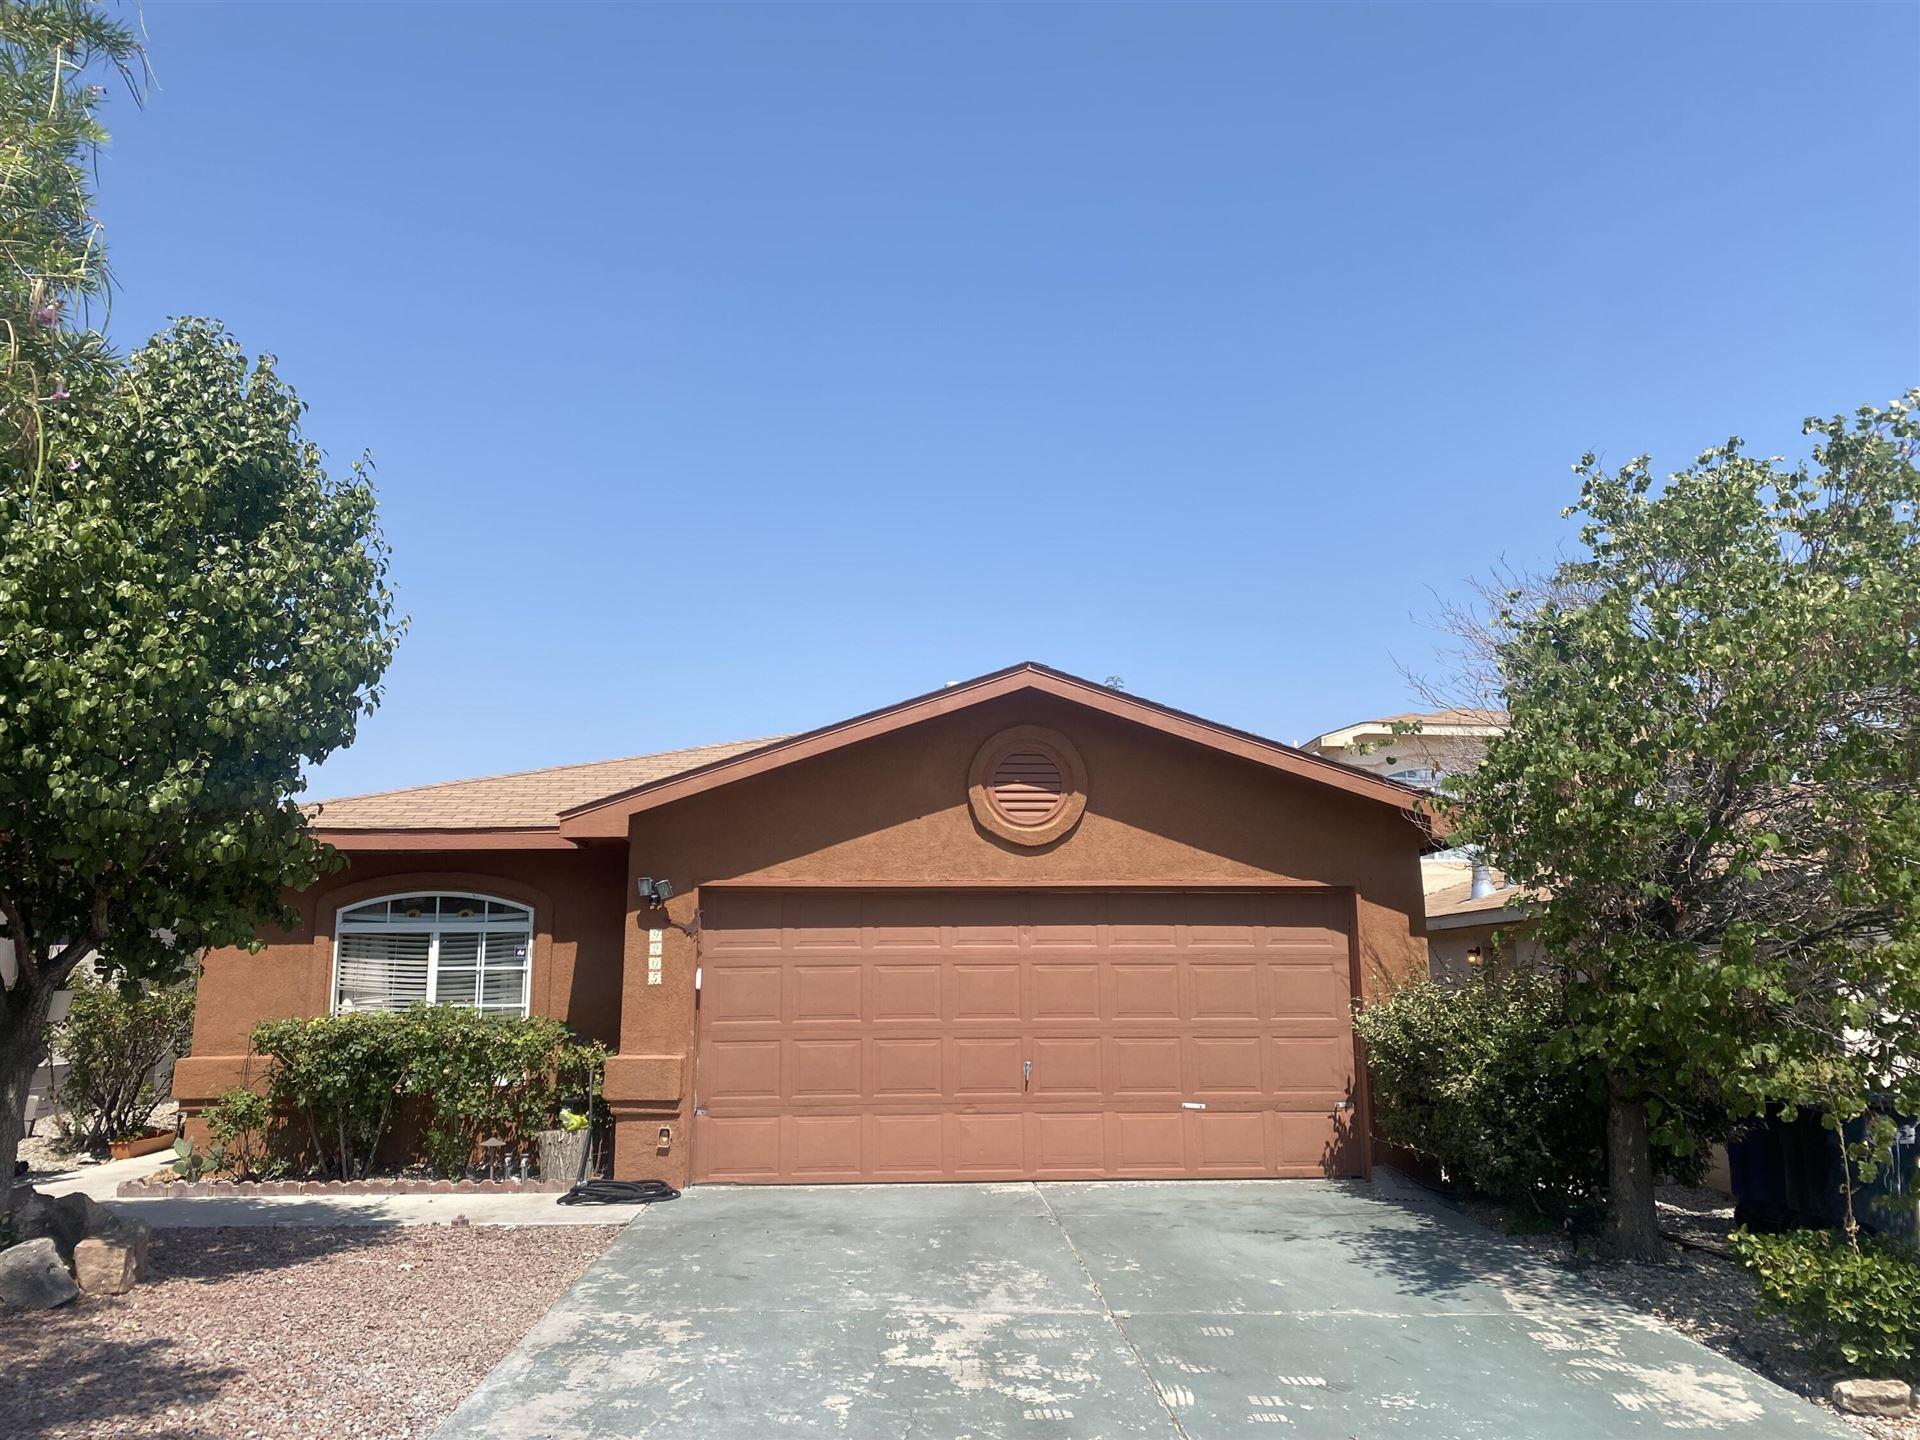 9205 LONDON Avenue SW, Albuquerque, NM 87121 - #: 998789